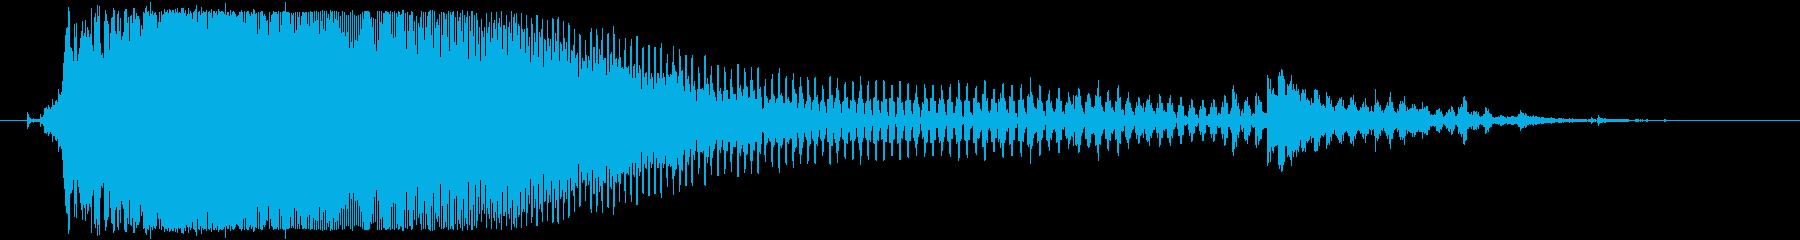 衝撃 スマッシュ23の再生済みの波形